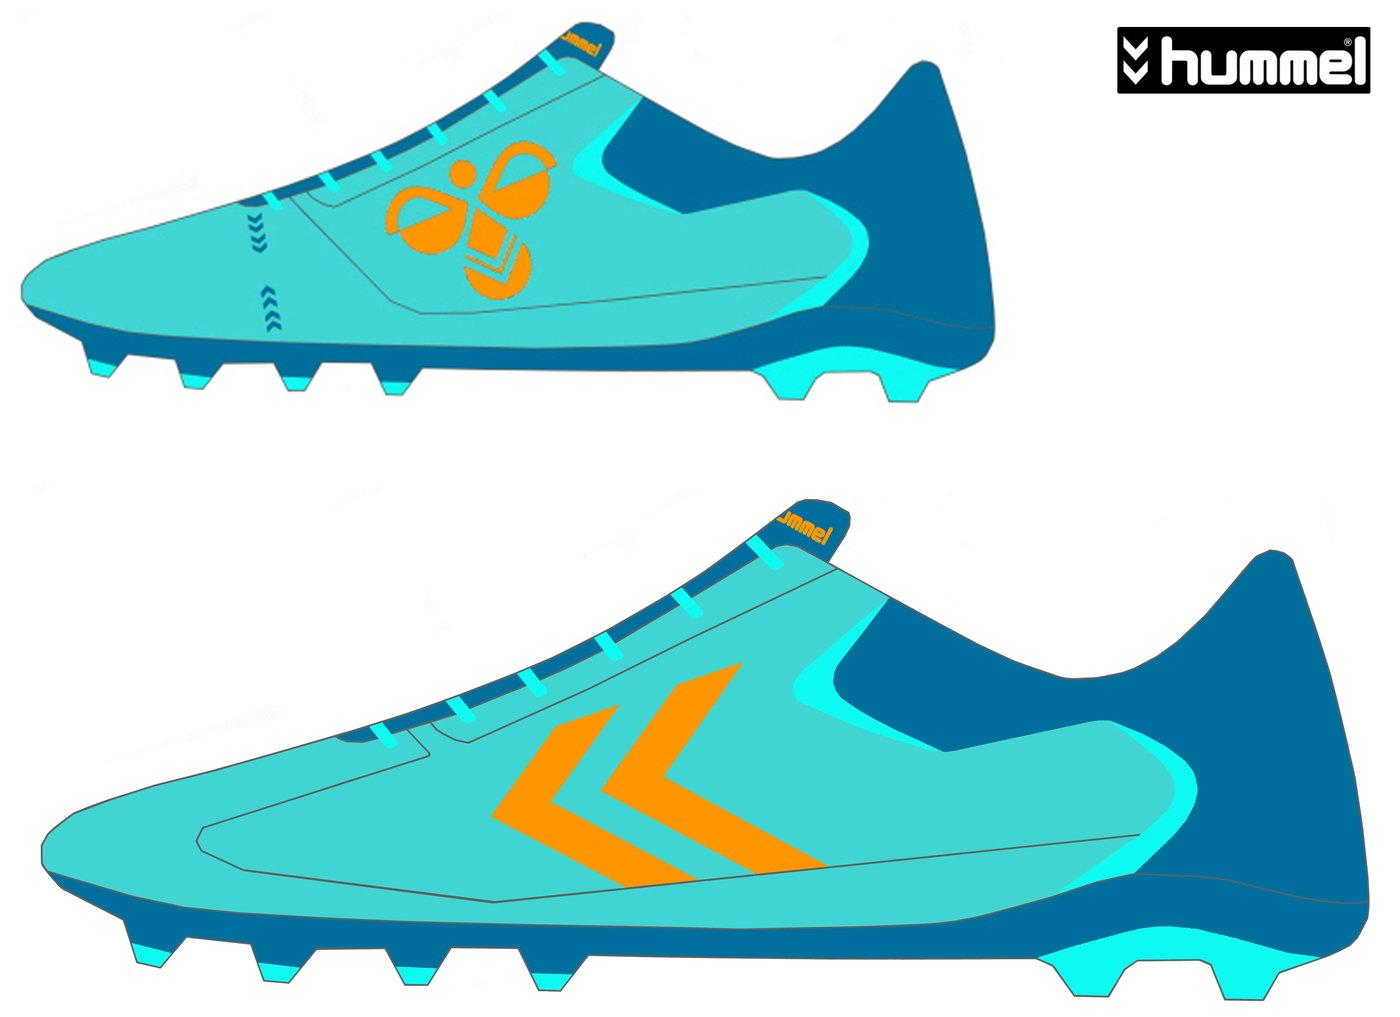 new arrival 6cc84 effb8 hummel soccer shoes